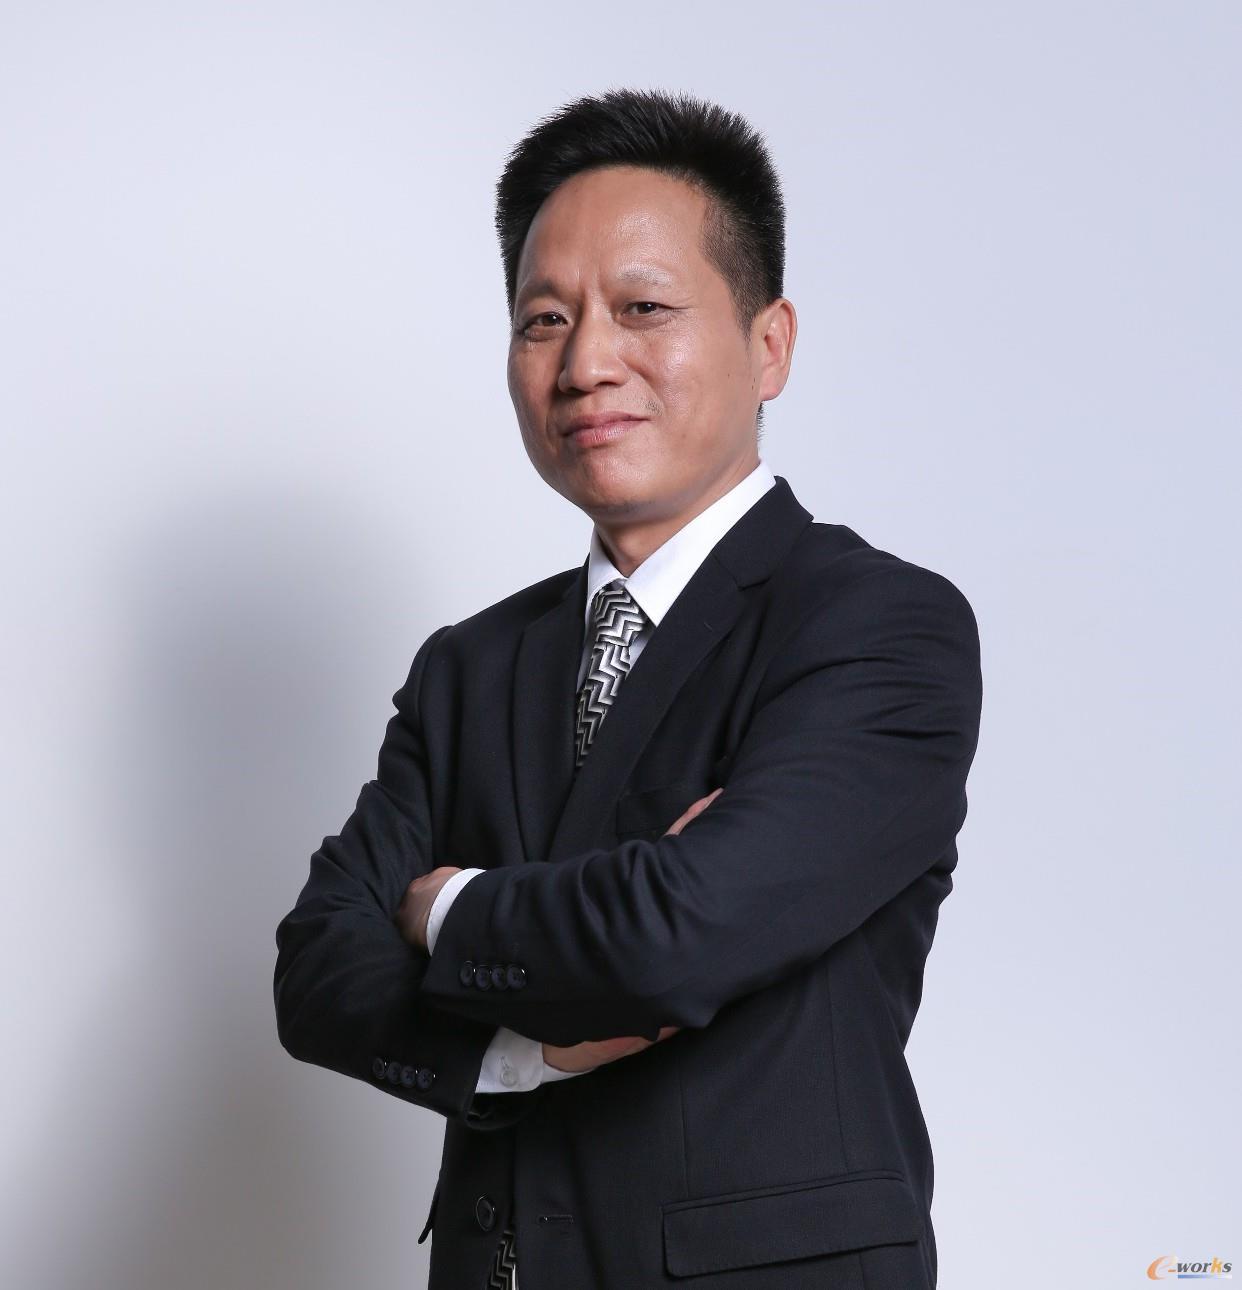 曾勇松 深圳市裕同包装科技股份有限公司 集团流程与IT中心高级信息化总监